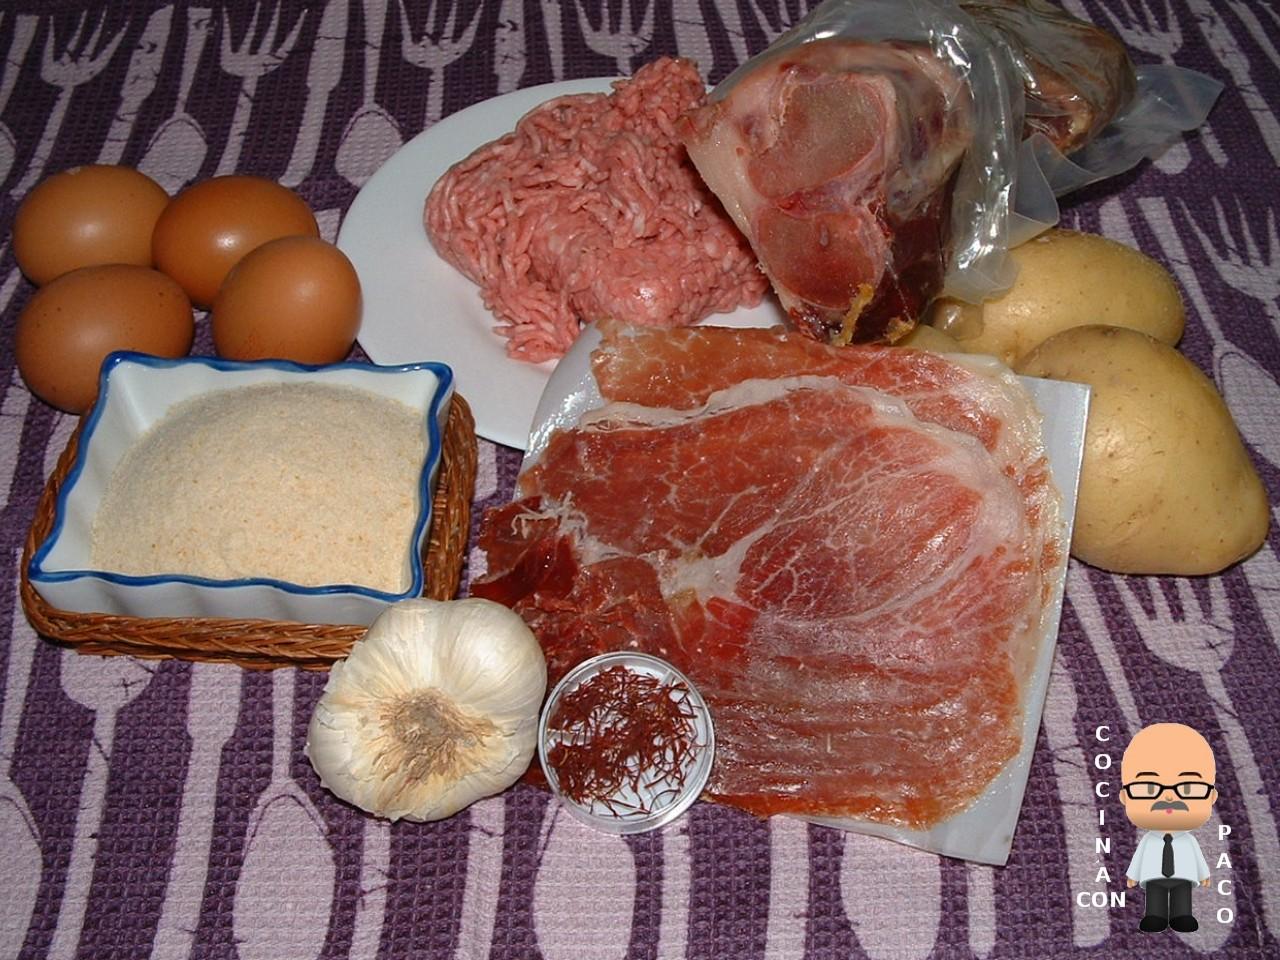 Cocina con paco alb ndigas cuchara - Cocina con paco ...